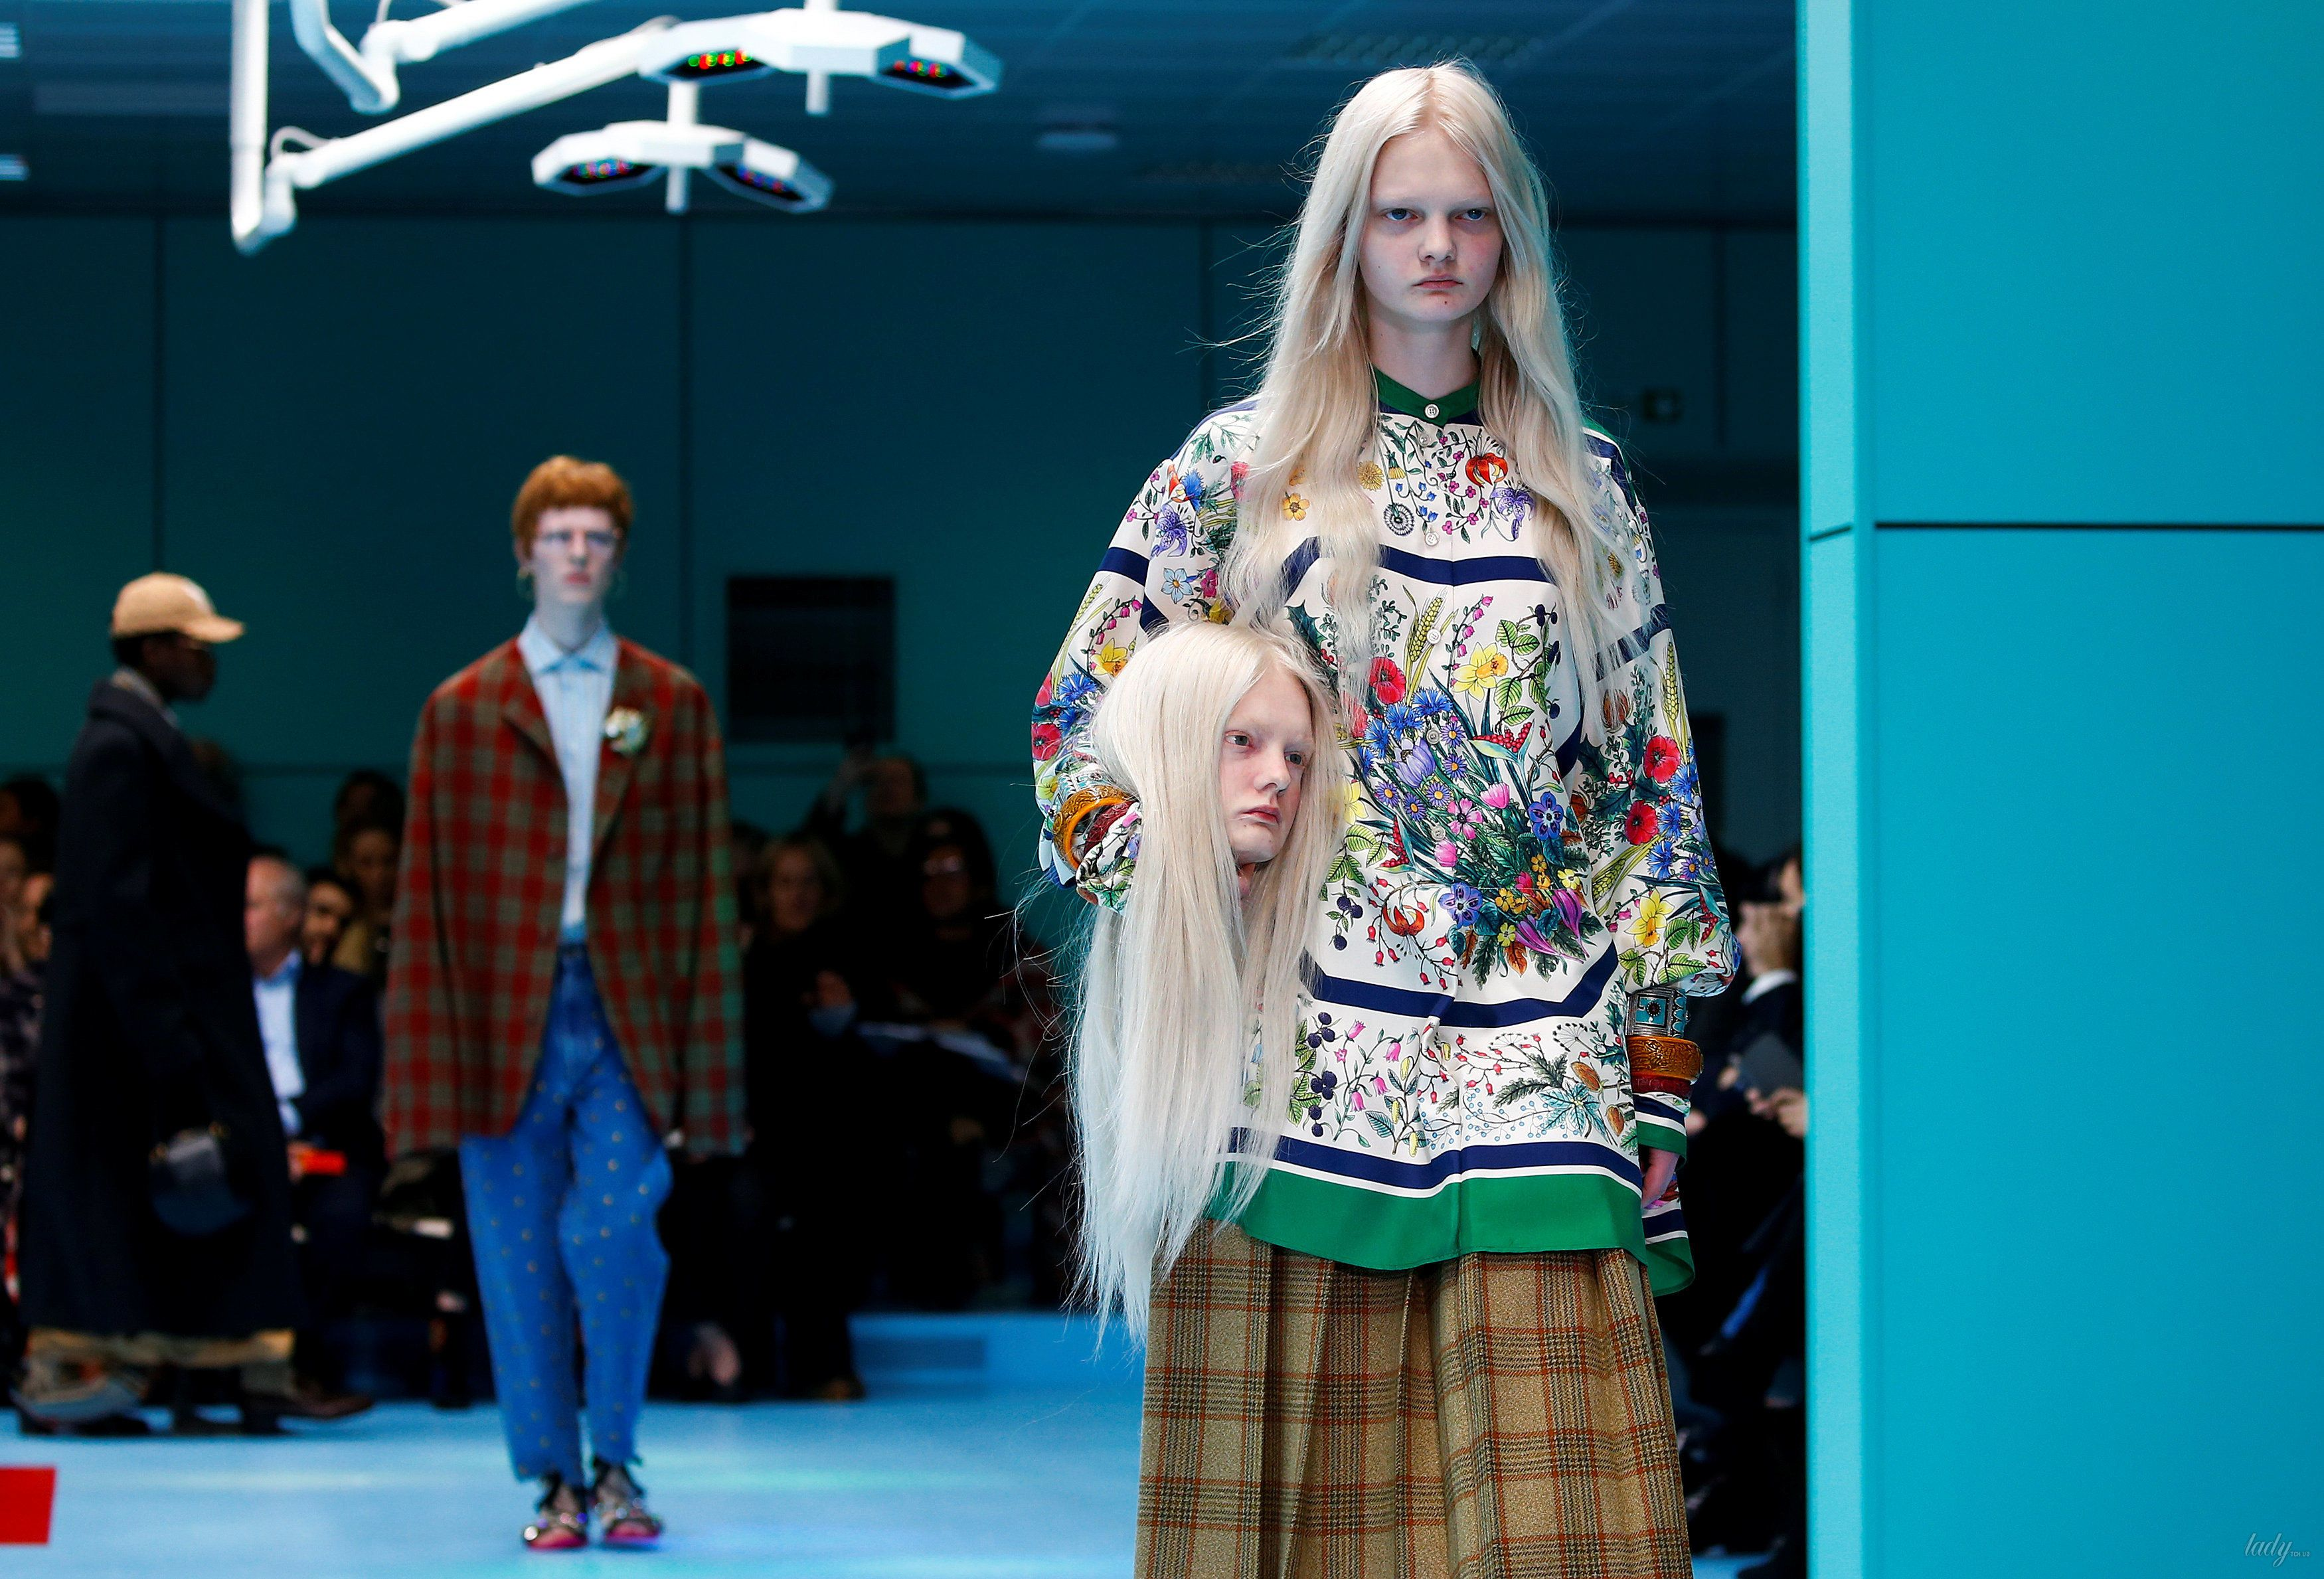 Показ коллекции бренда Gucci в Милане_23